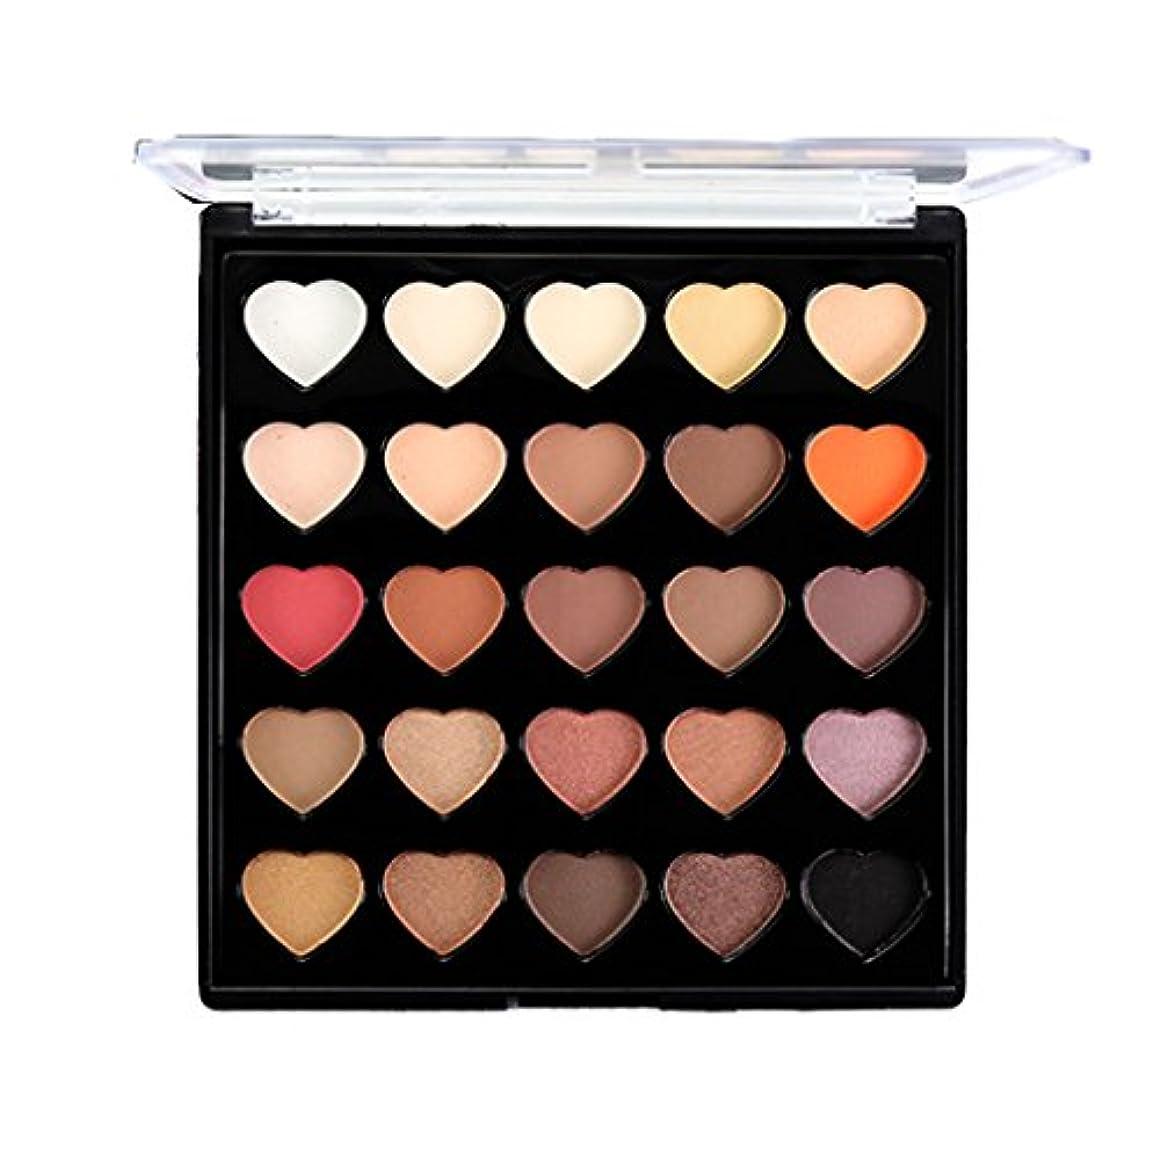 バング楽しい憤るアイシャドウ パレット 25色 化粧パレット メイクアップ アイメイク 全2種類 - #1